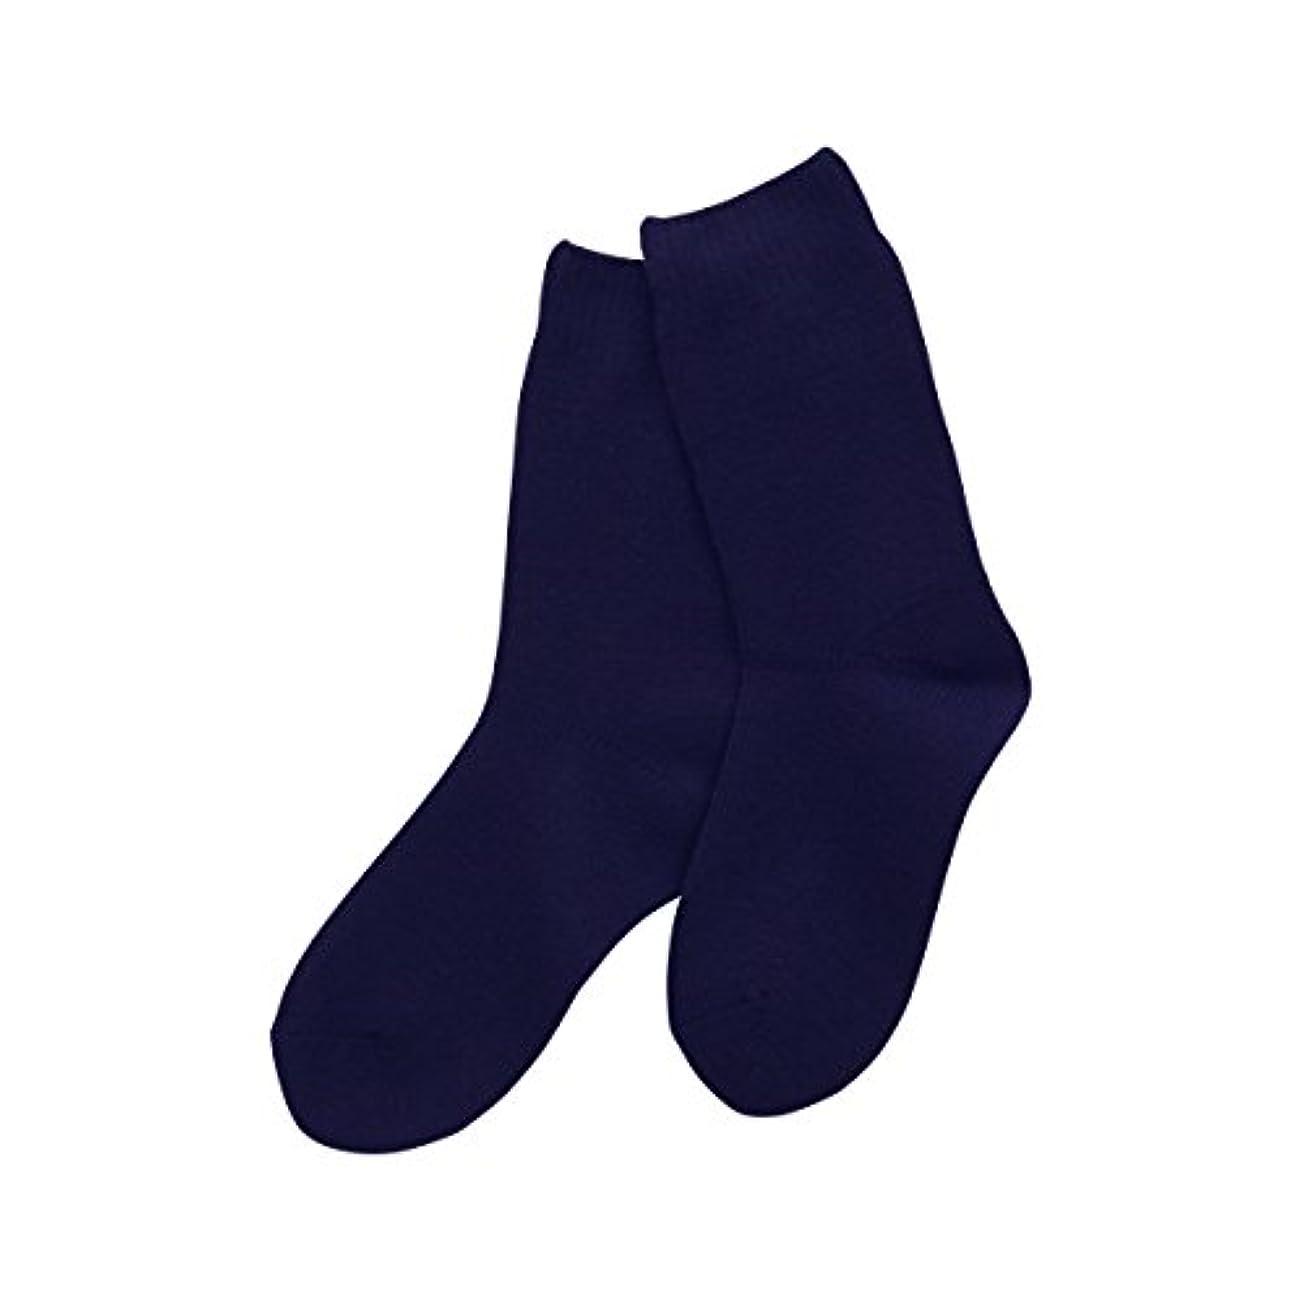 配送恩赦シーズン(コベス) KOBES ゴムなし 毛混 超ゆったり特大サイズ 靴下 日本製 紳士靴下